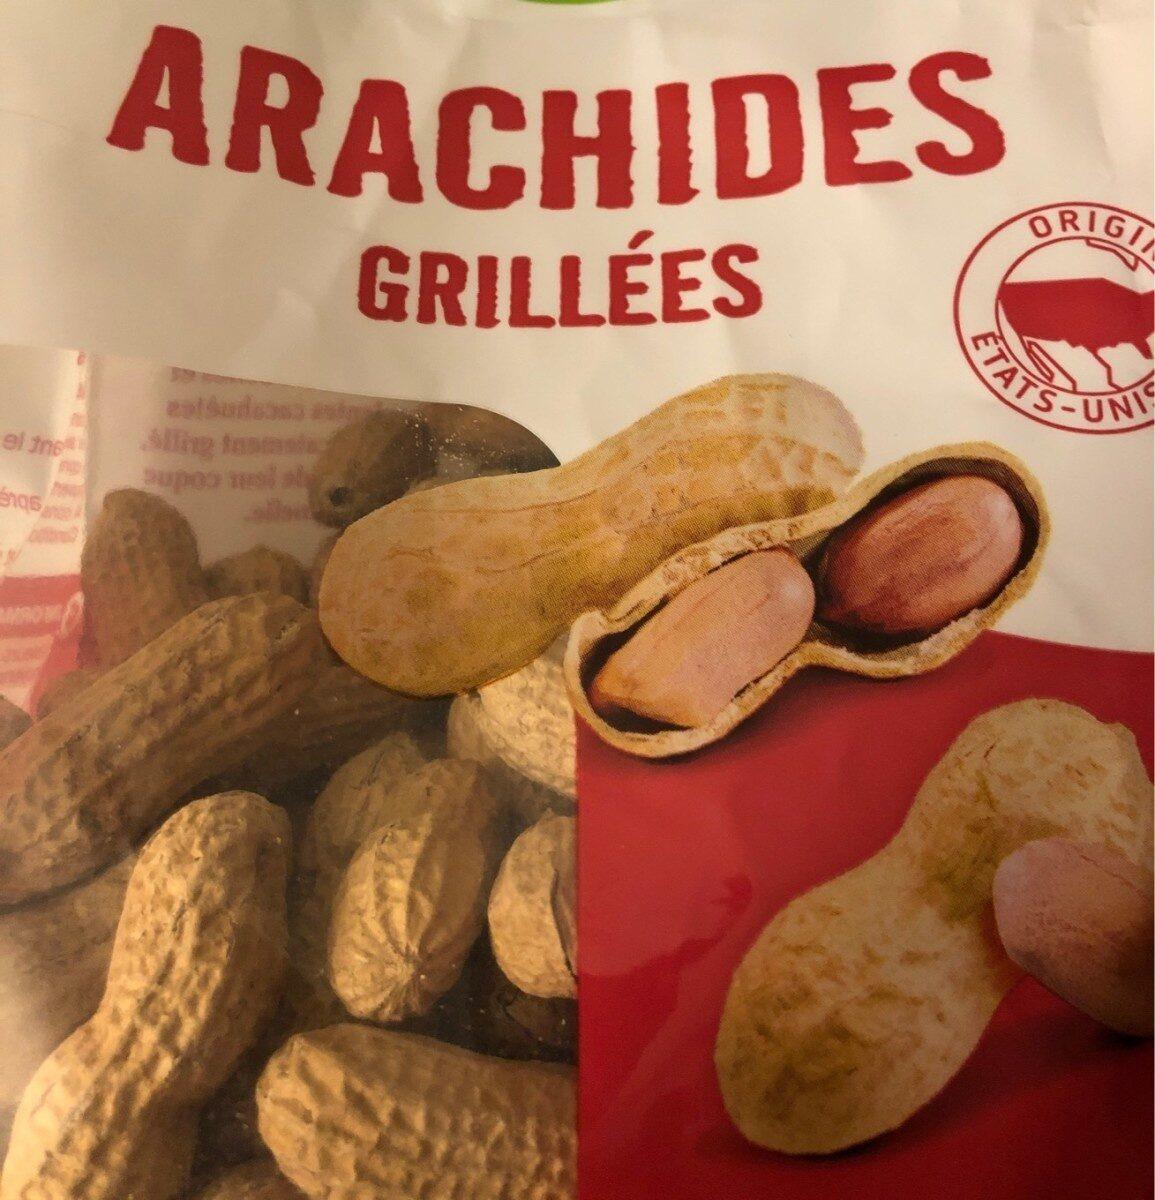 Arachides coques grillées - Informations nutritionnelles - fr